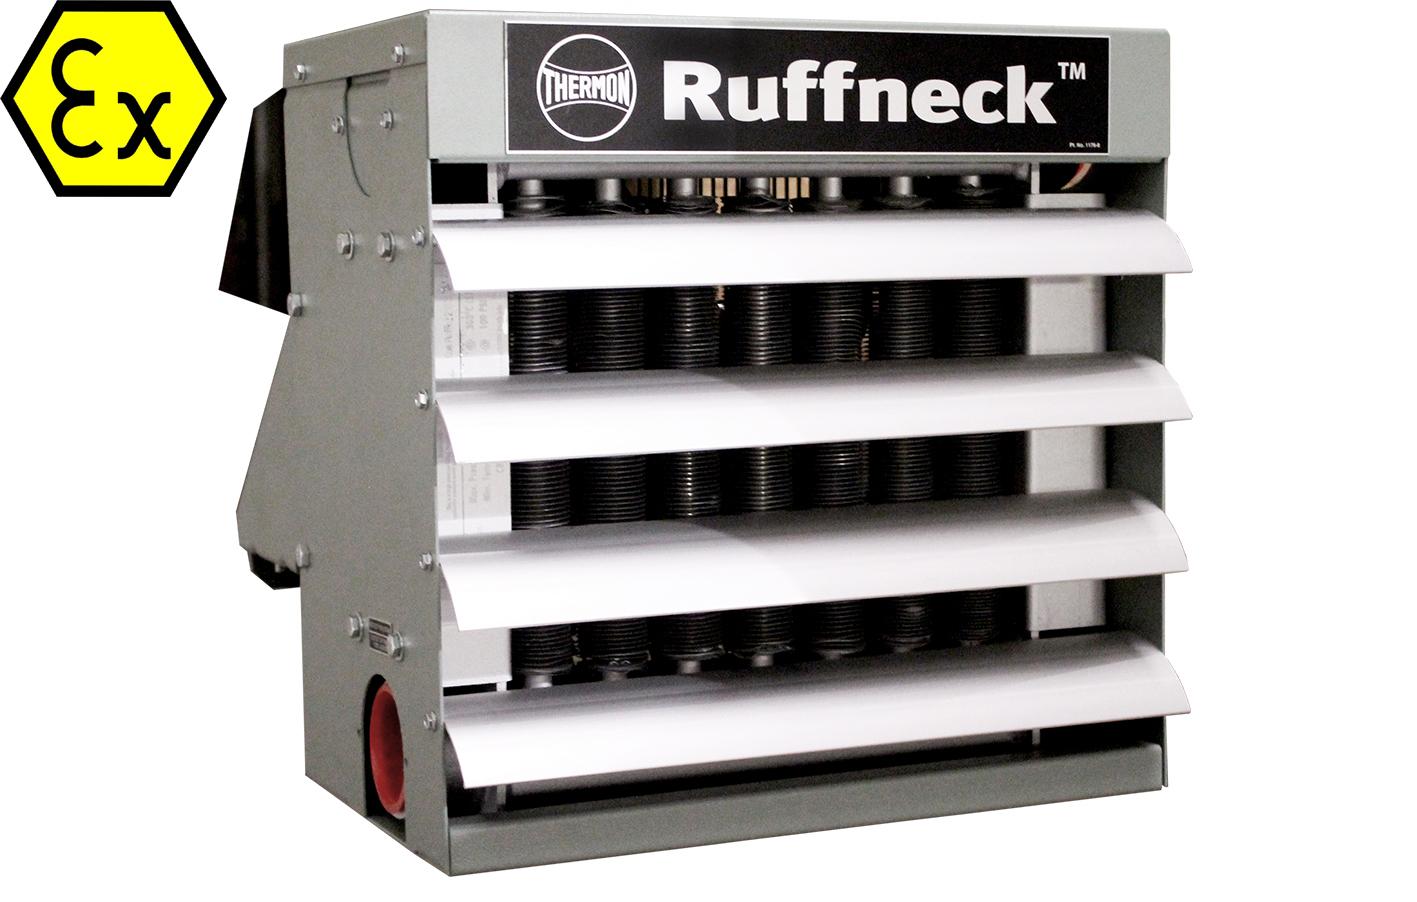 FR Pakkasen kestävä lämmönvaihdin teollisuuteen